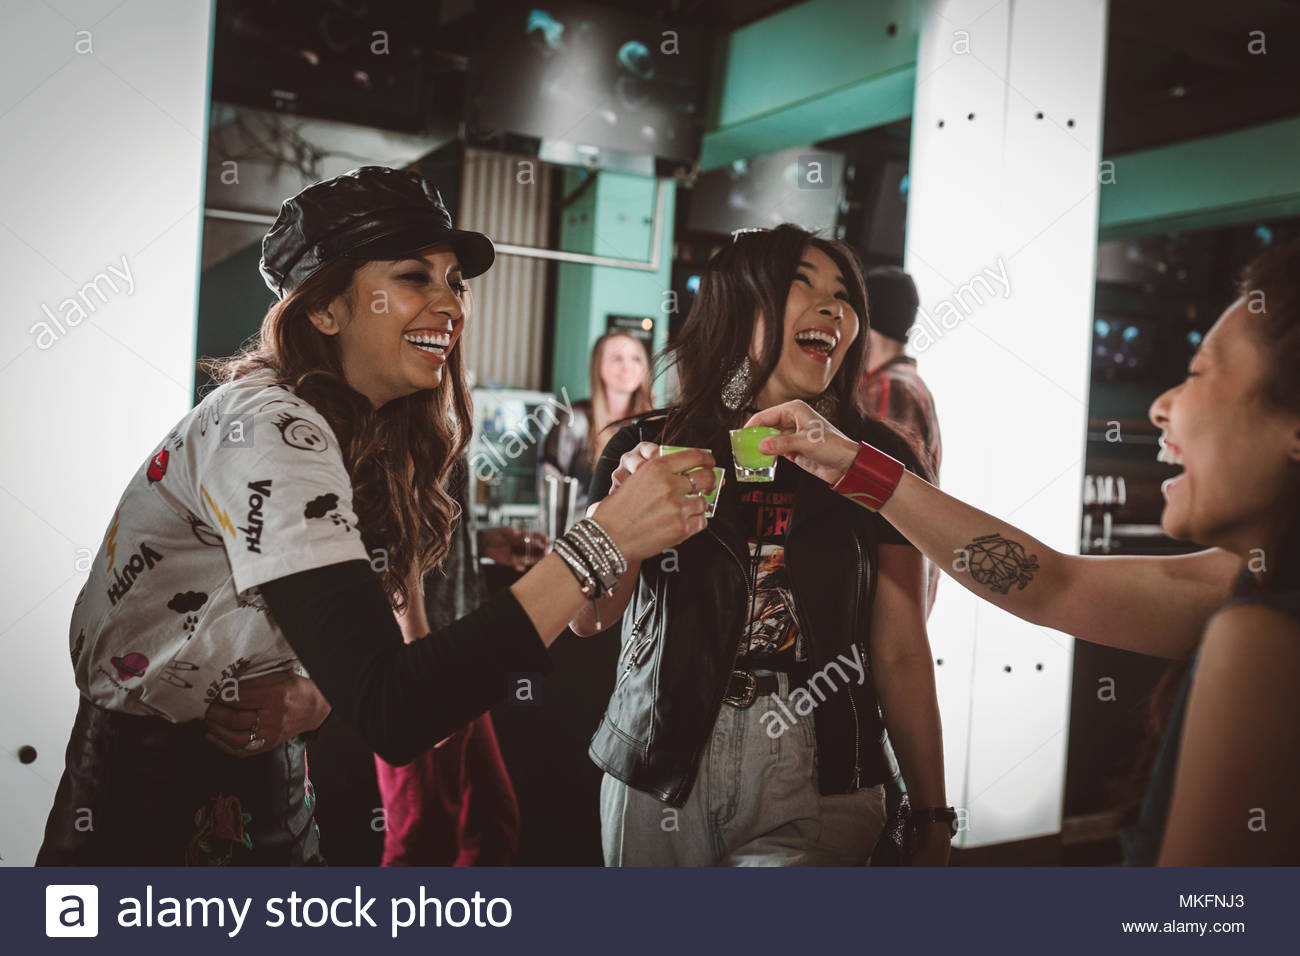 Femmina amici millenario tenendo scatti, feste nel nightclub bar Immagini Stock